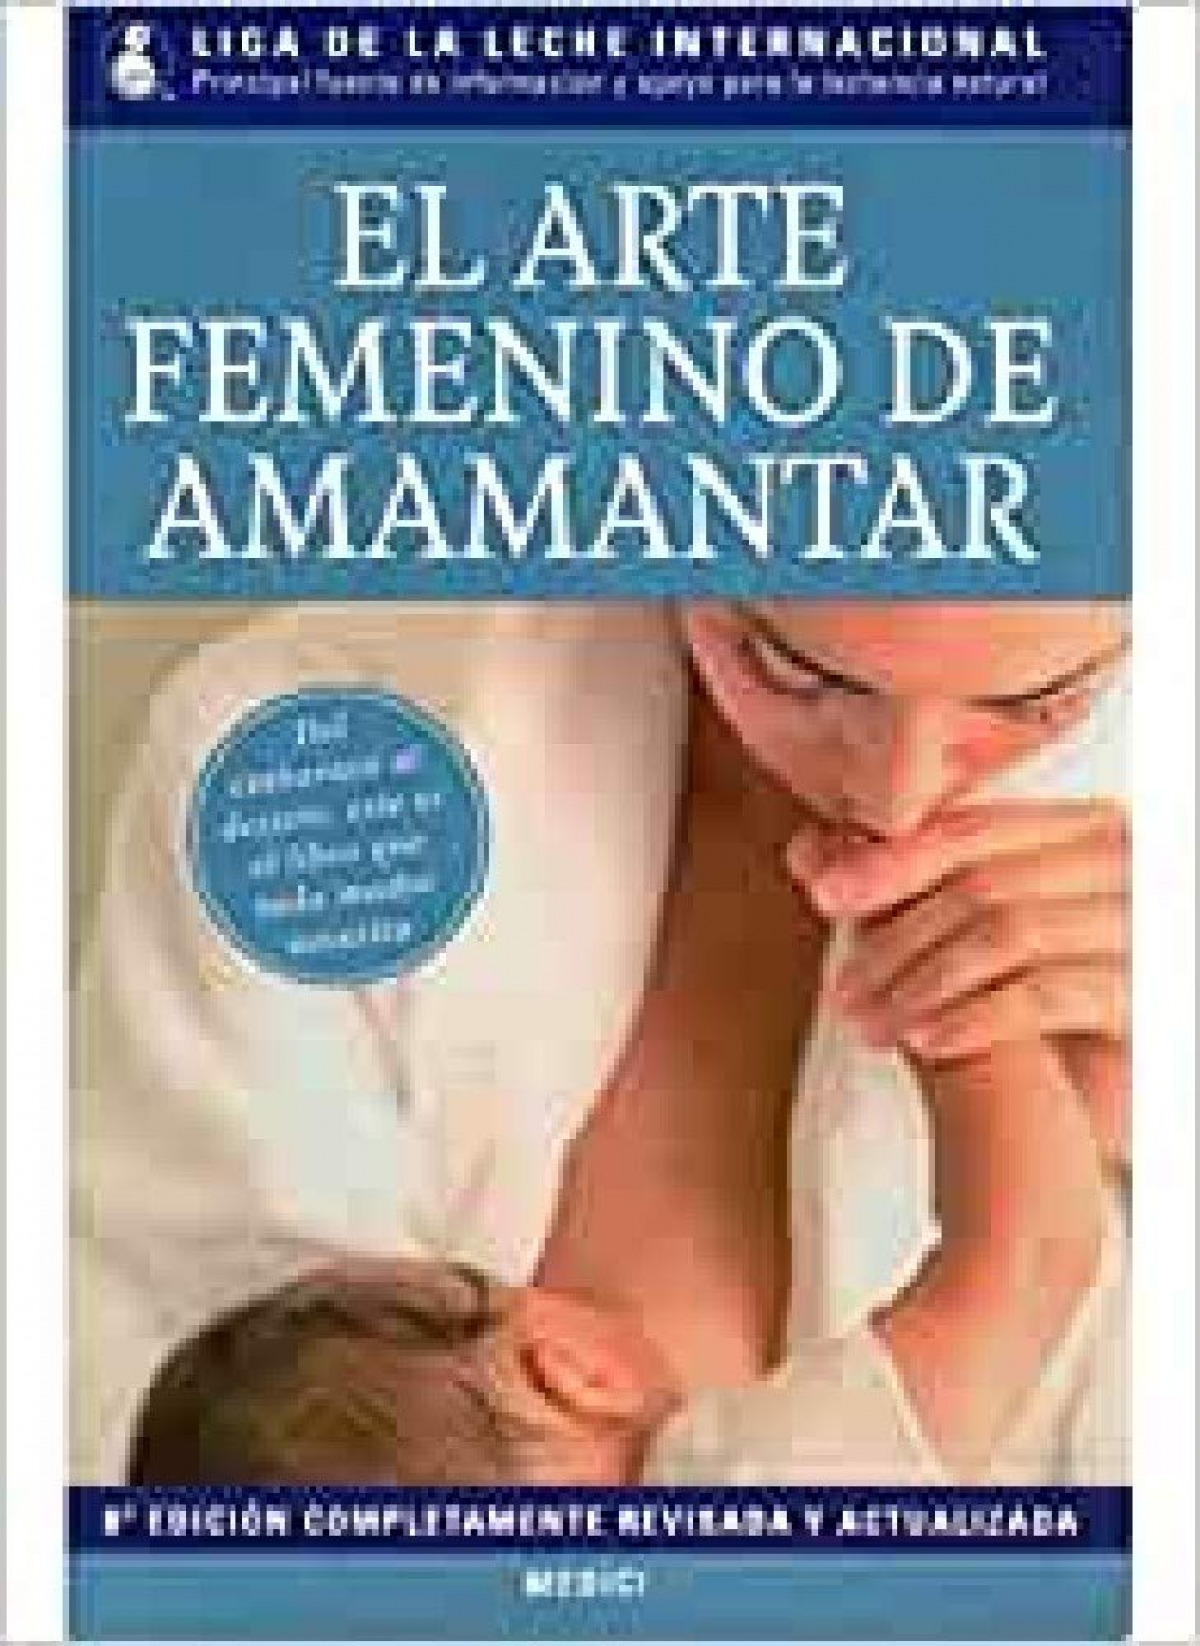 EL ARTE FEMENINO DE AMAMANTAR